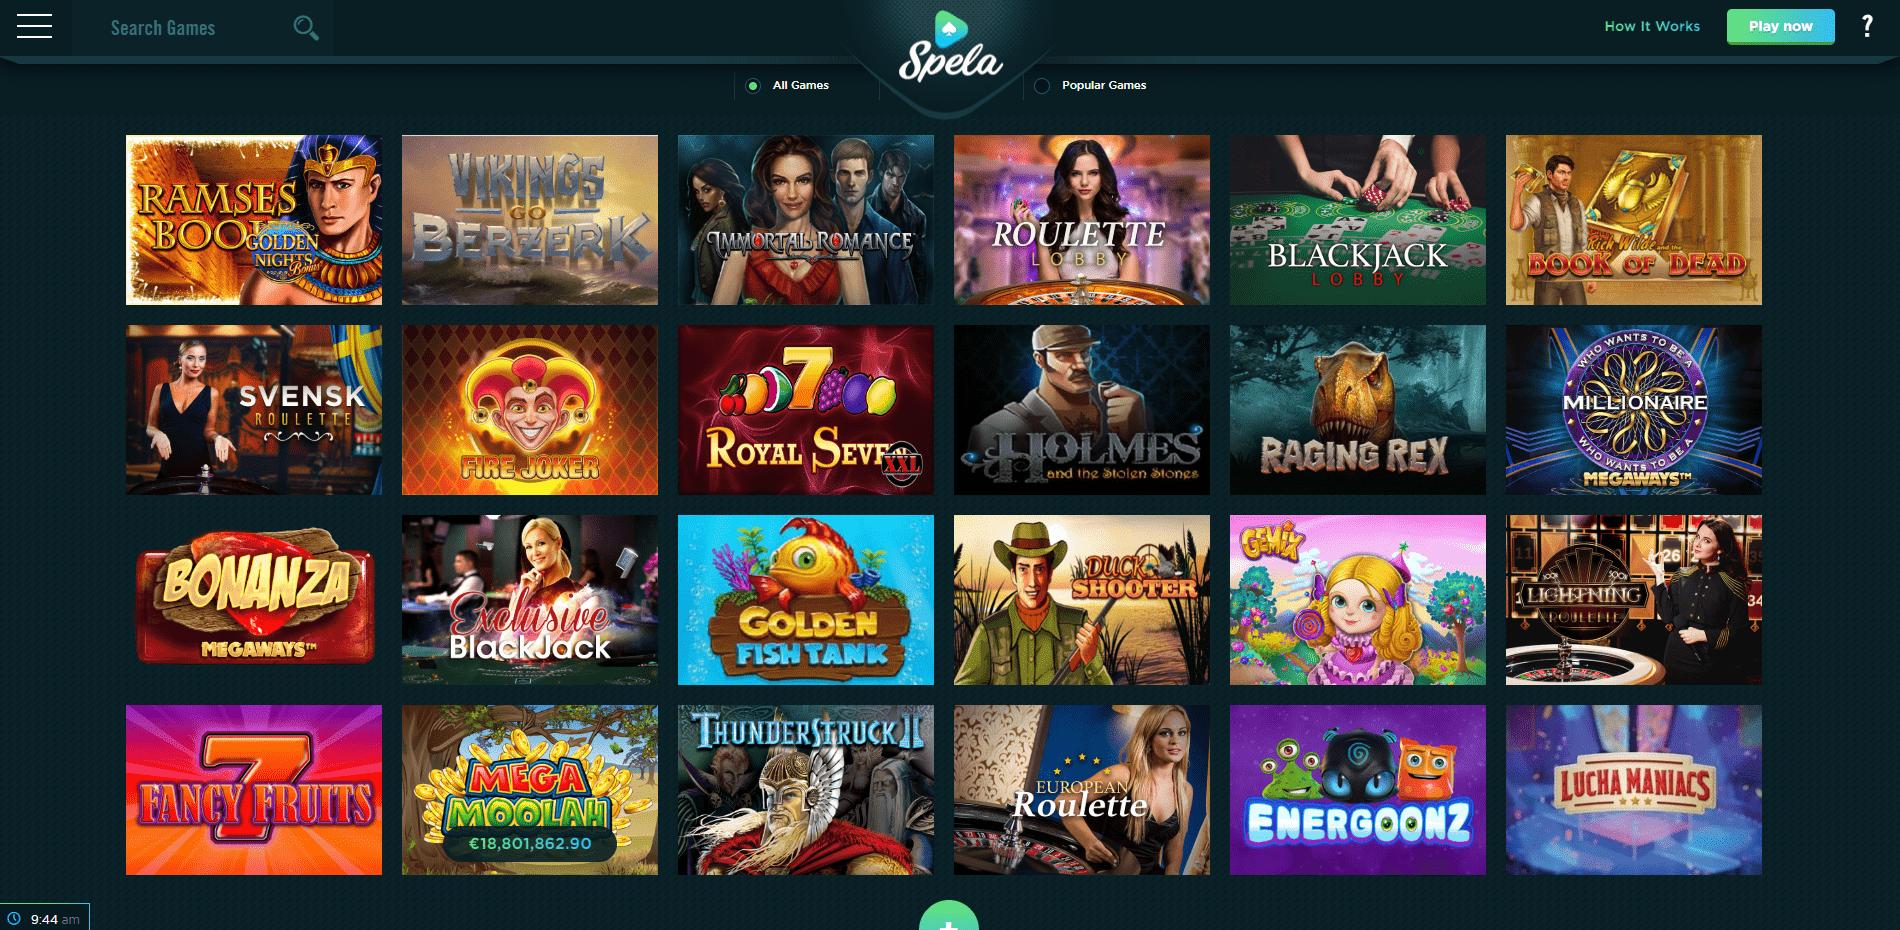 Spela casino Australien 30493